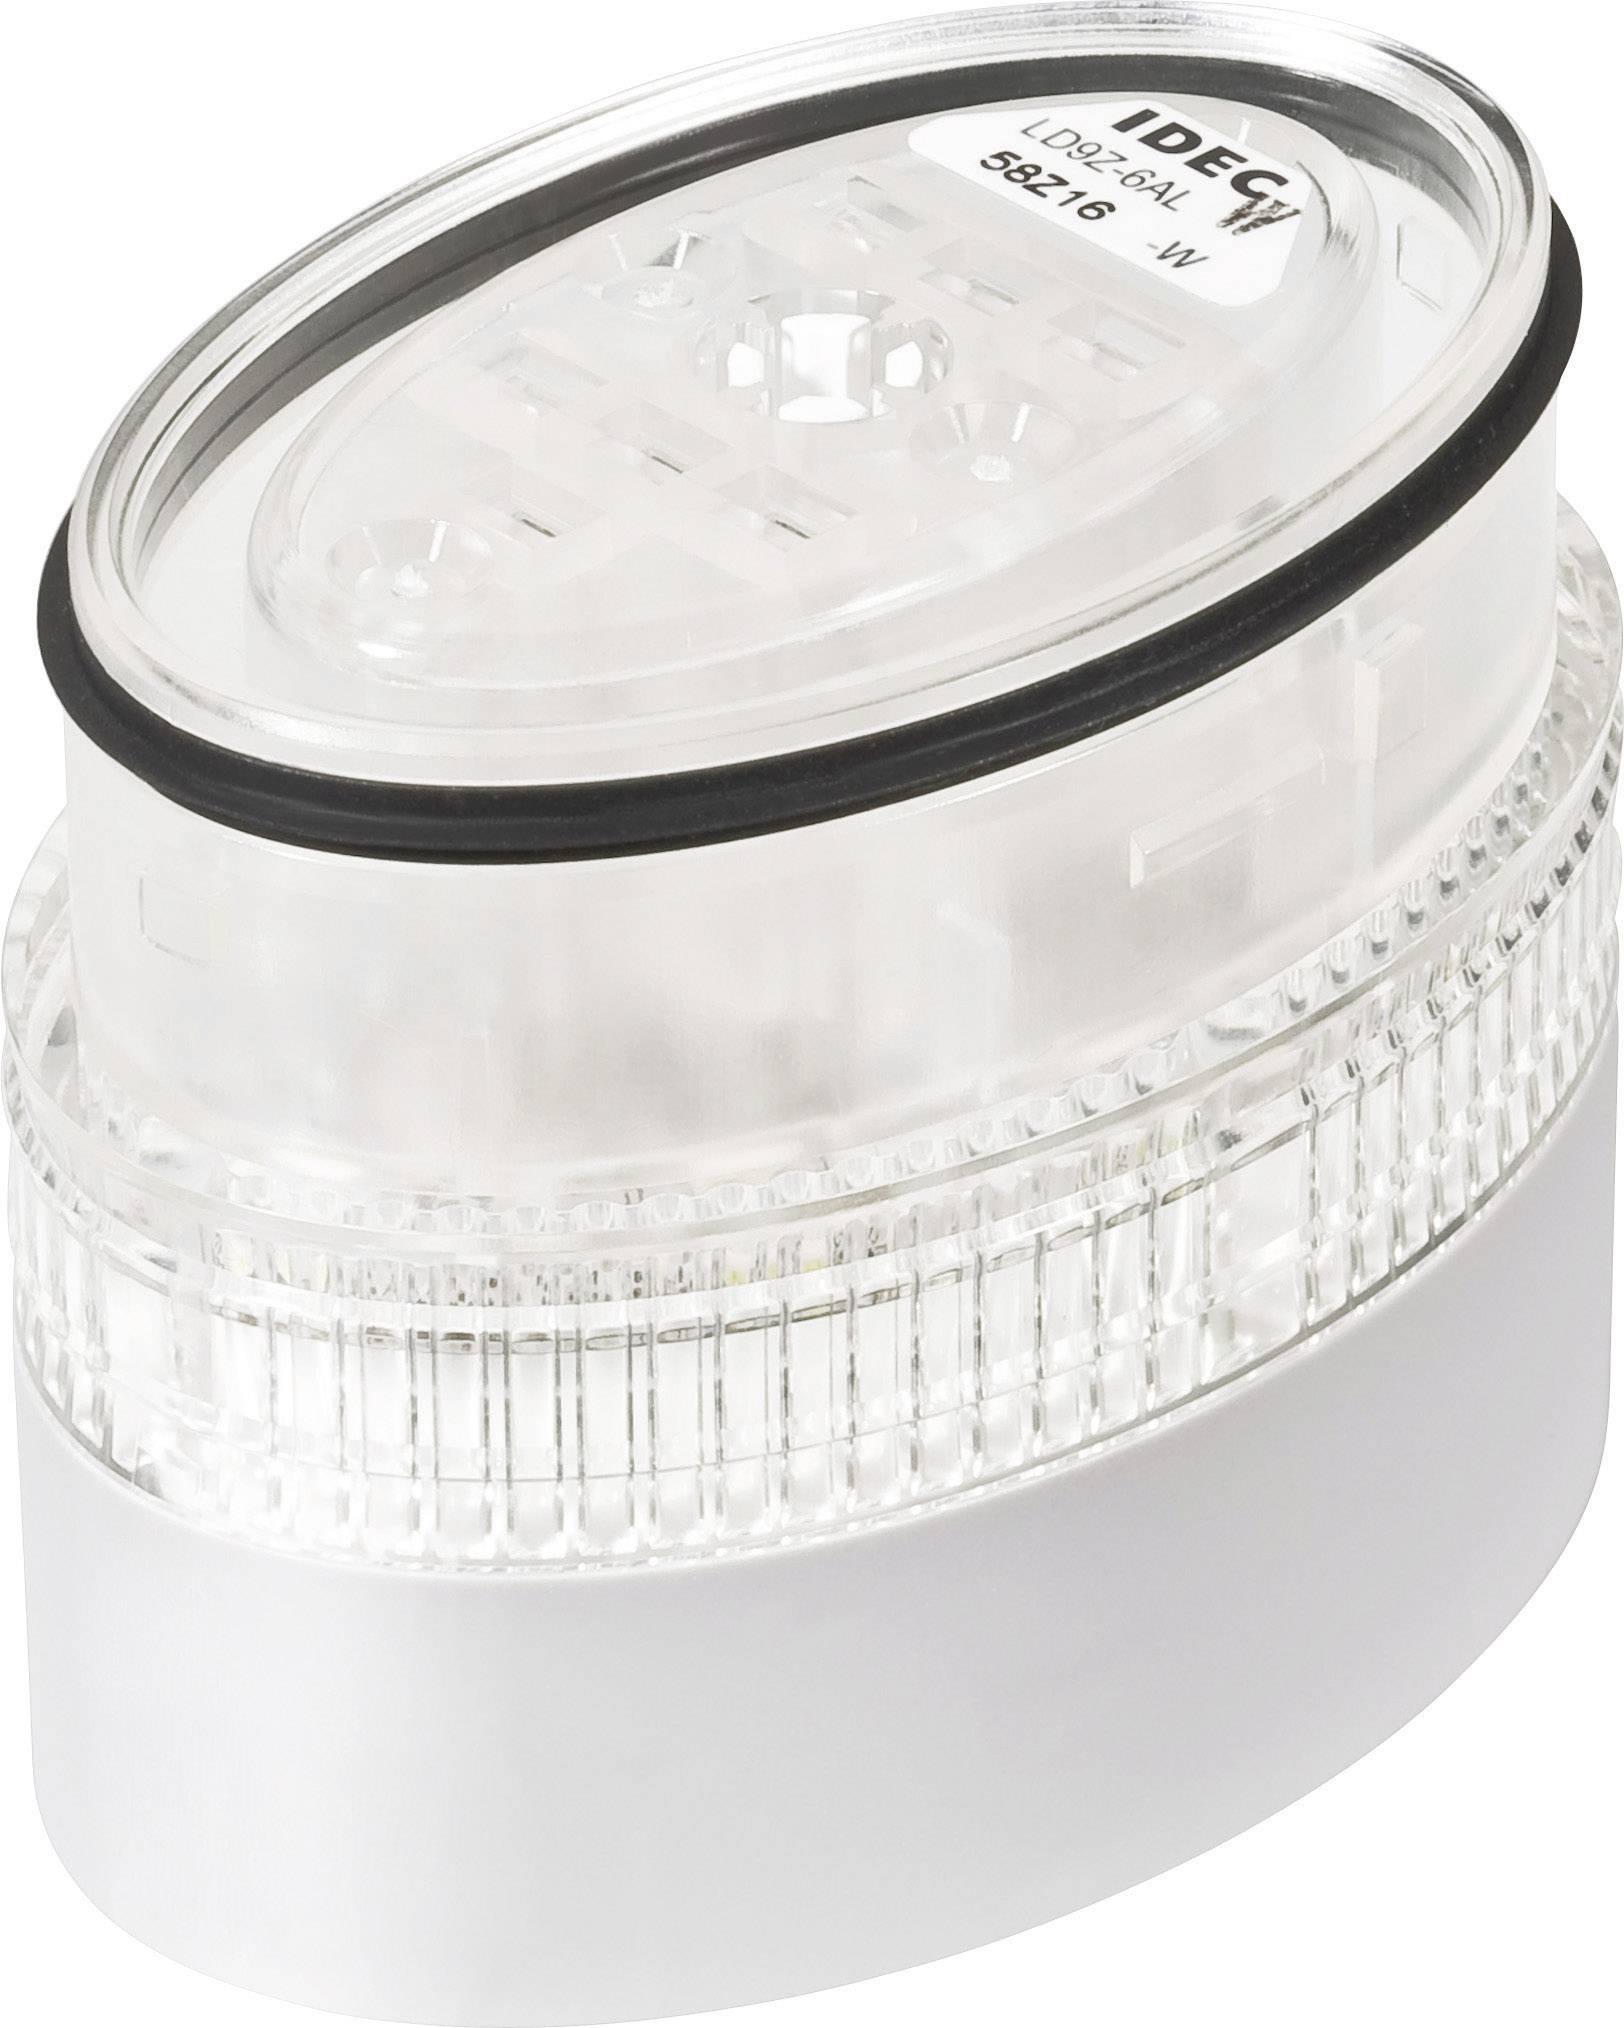 LED signalizační sloupec Idec LD6A (LD9Z-6ALW-W), IP65, Ø 40 x 60 mm, bílá